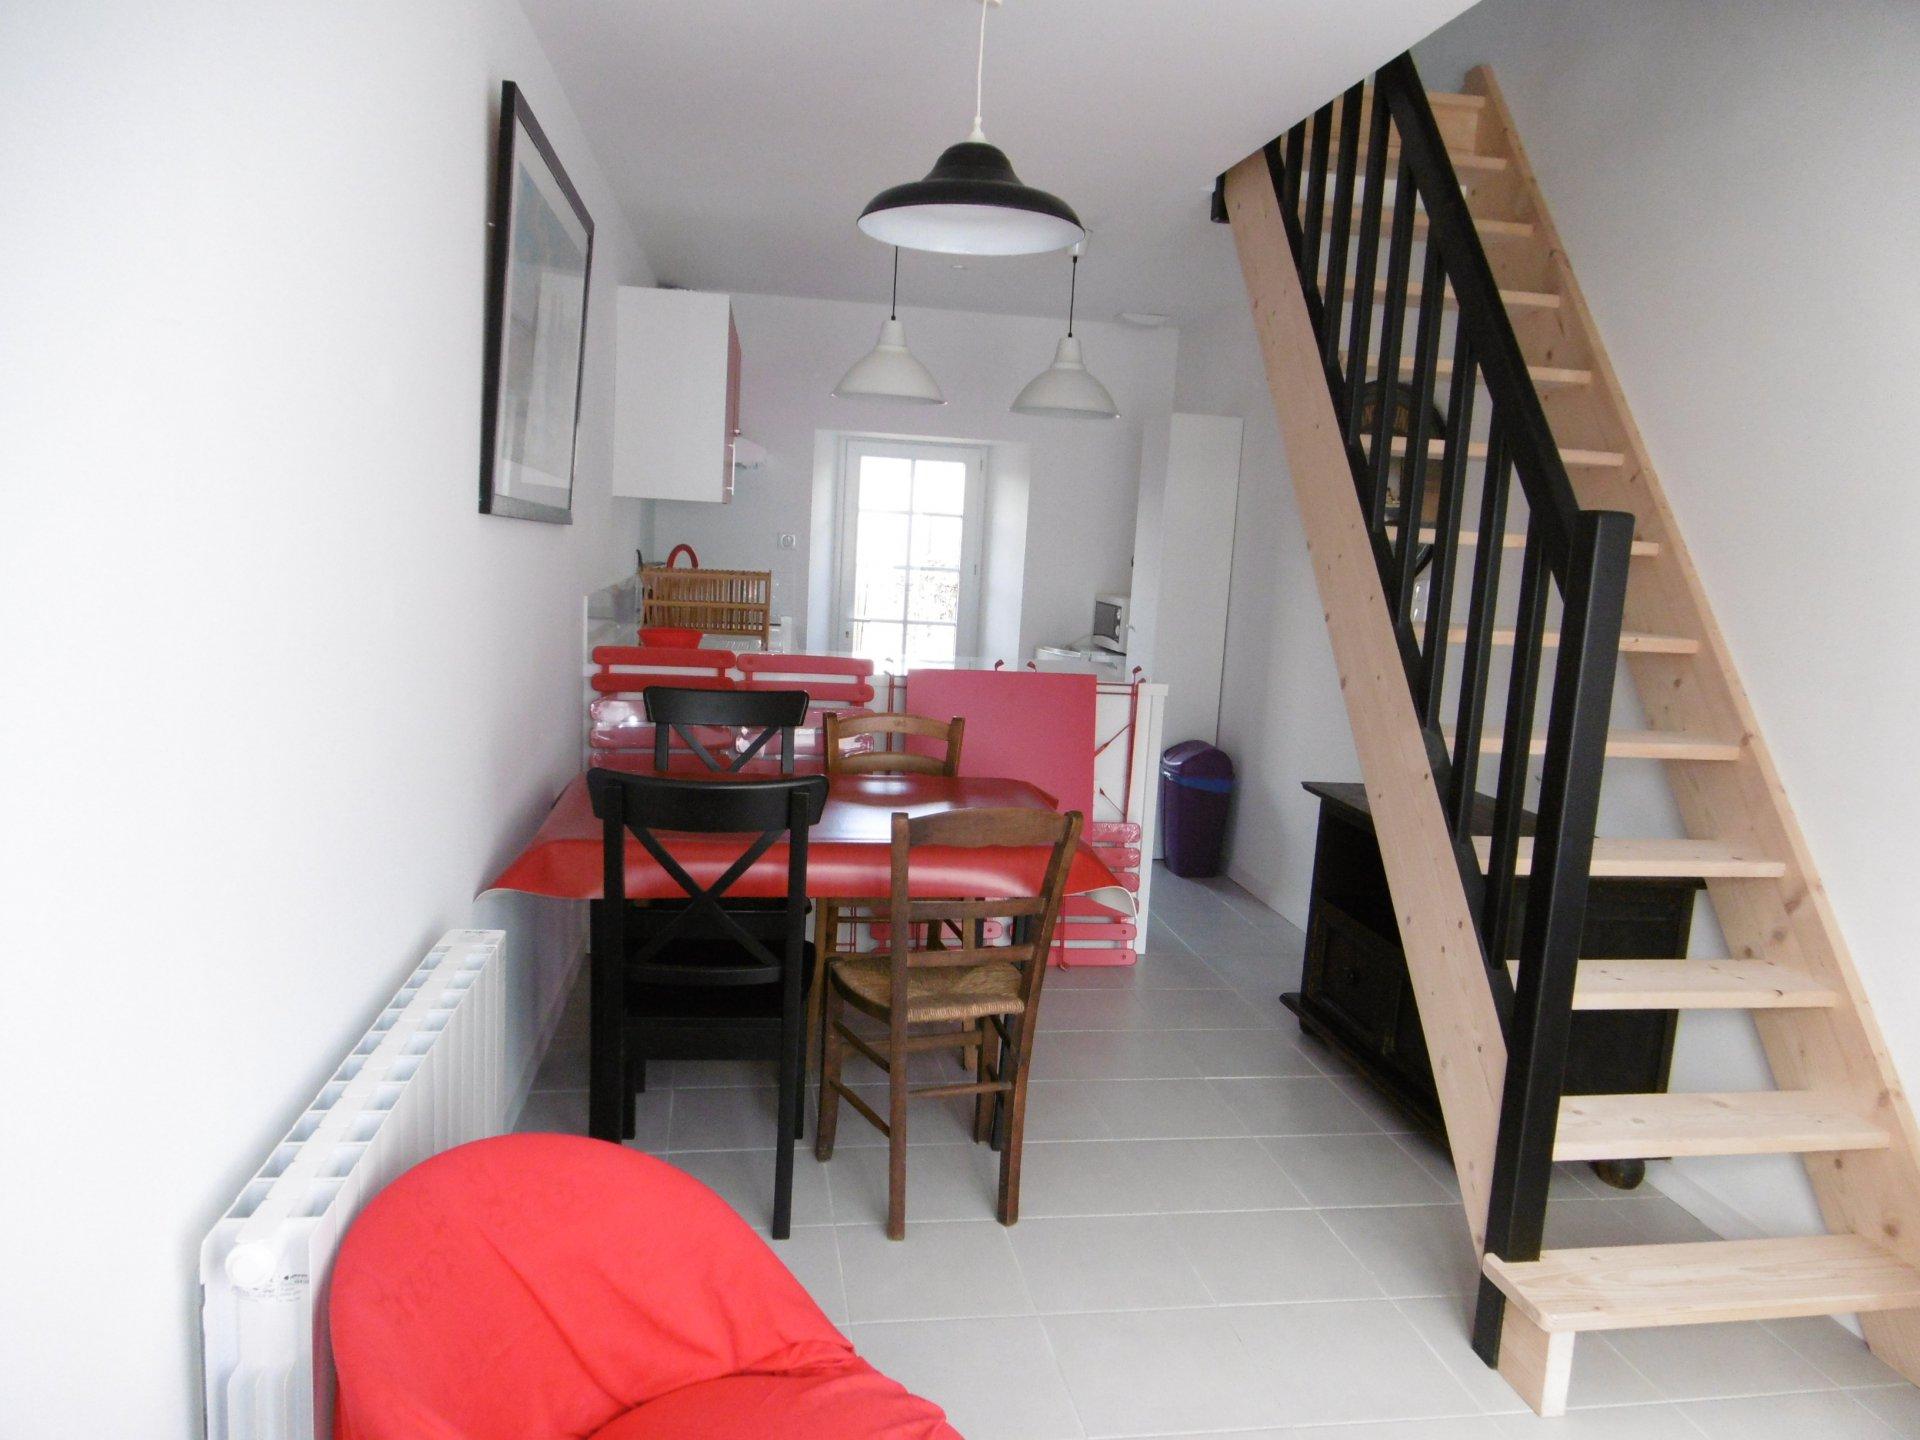 Maison à louer à Damgan Maison pour 4 personnes, située dans le centre de Damgan